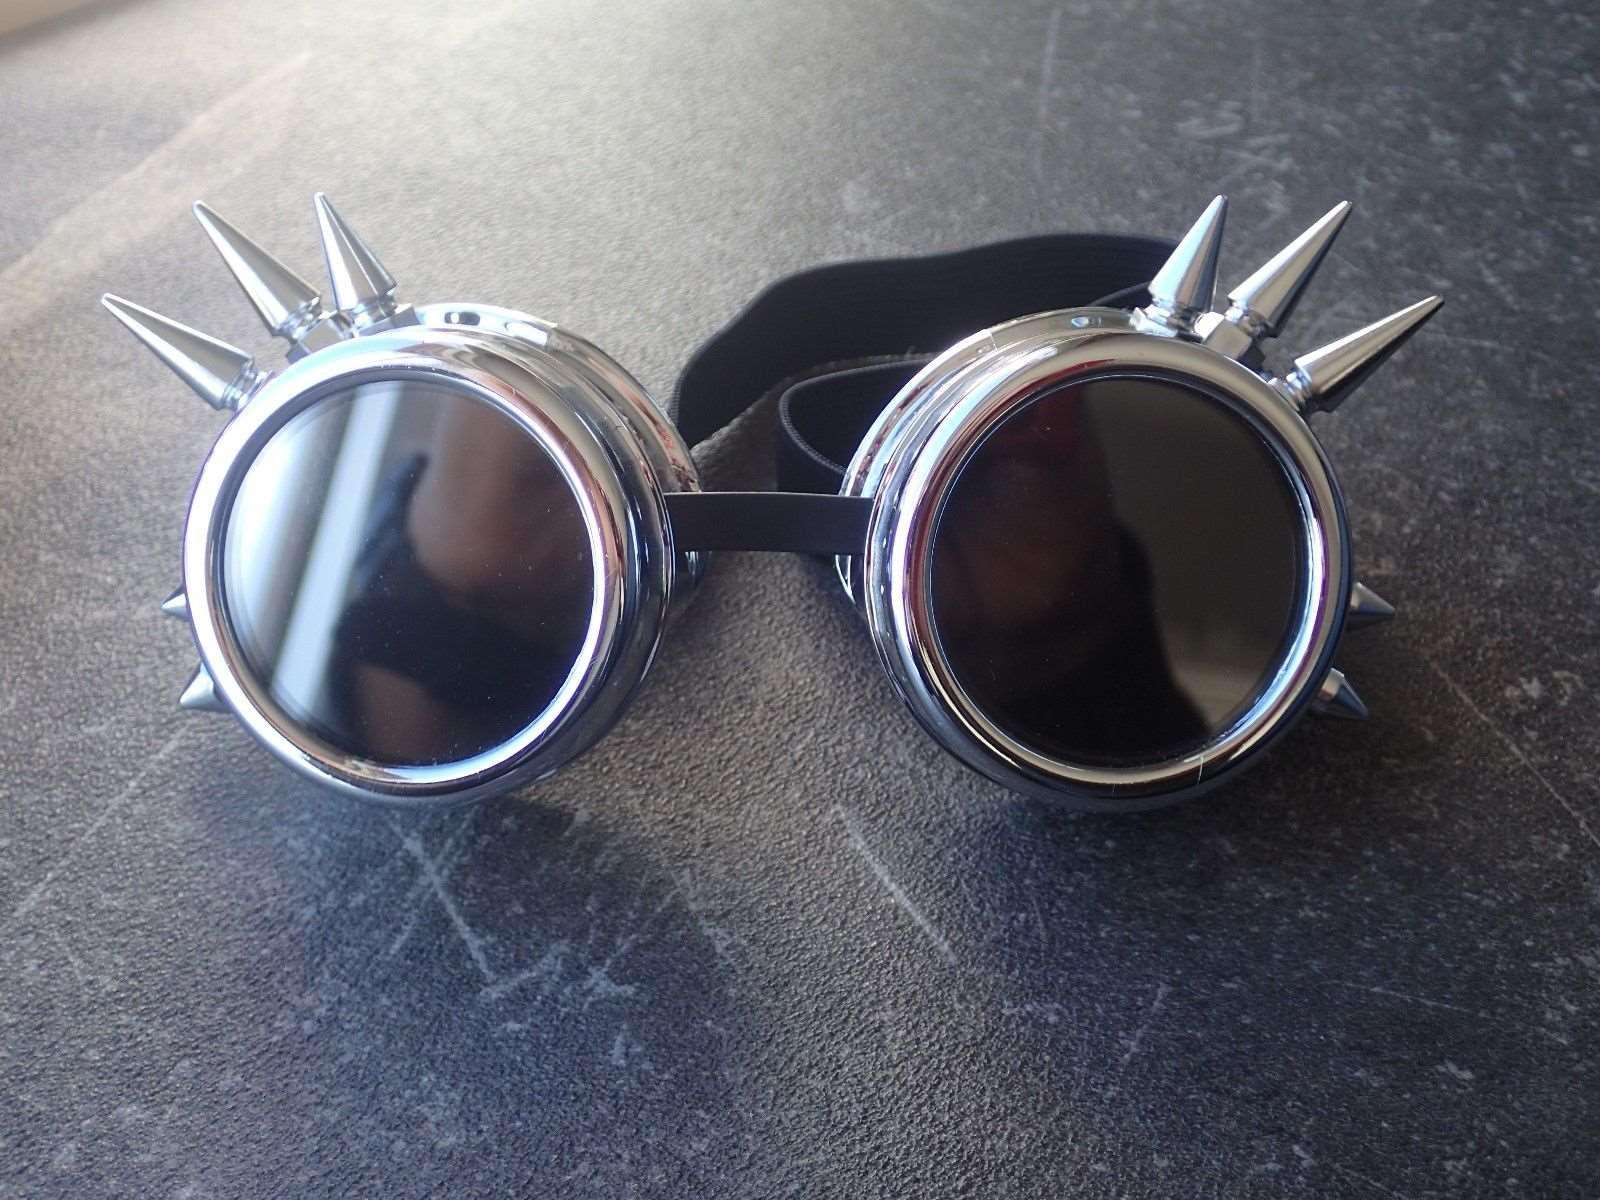 Новая мода Серебряный стимпанк очки Spikey Burning Man костюм Косплэй готический панк Защитные очки ...